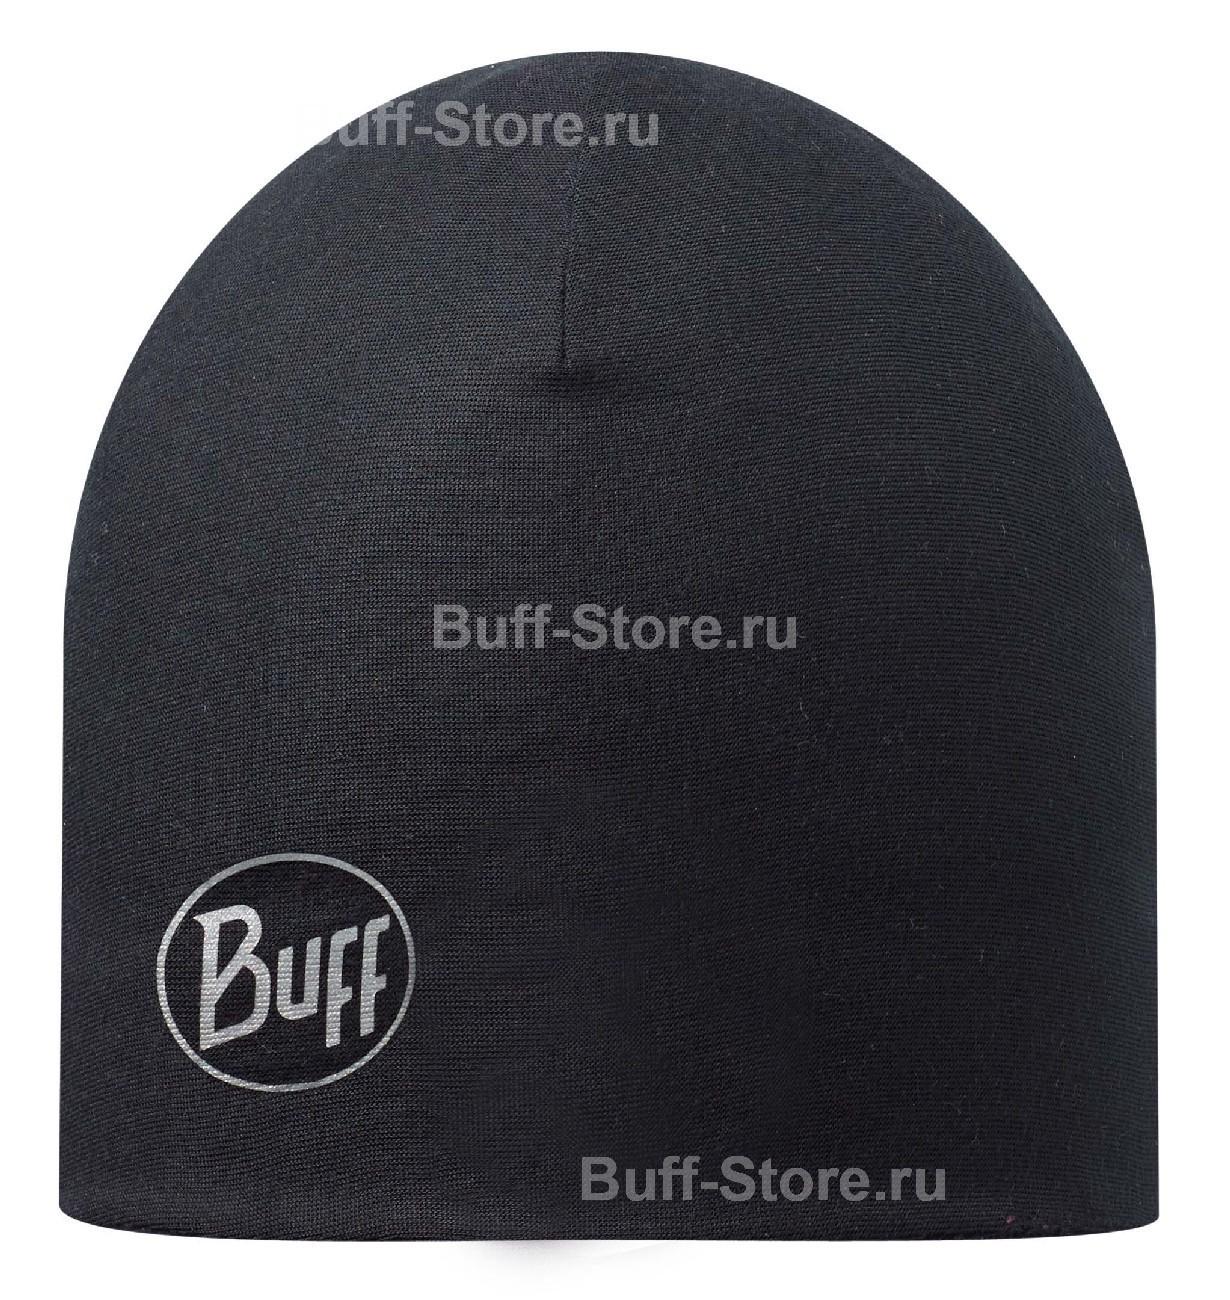 Флисовые шапки Тонкая шапка с флисовой подкладкой Buff Black 110948.999.10.00.jpg